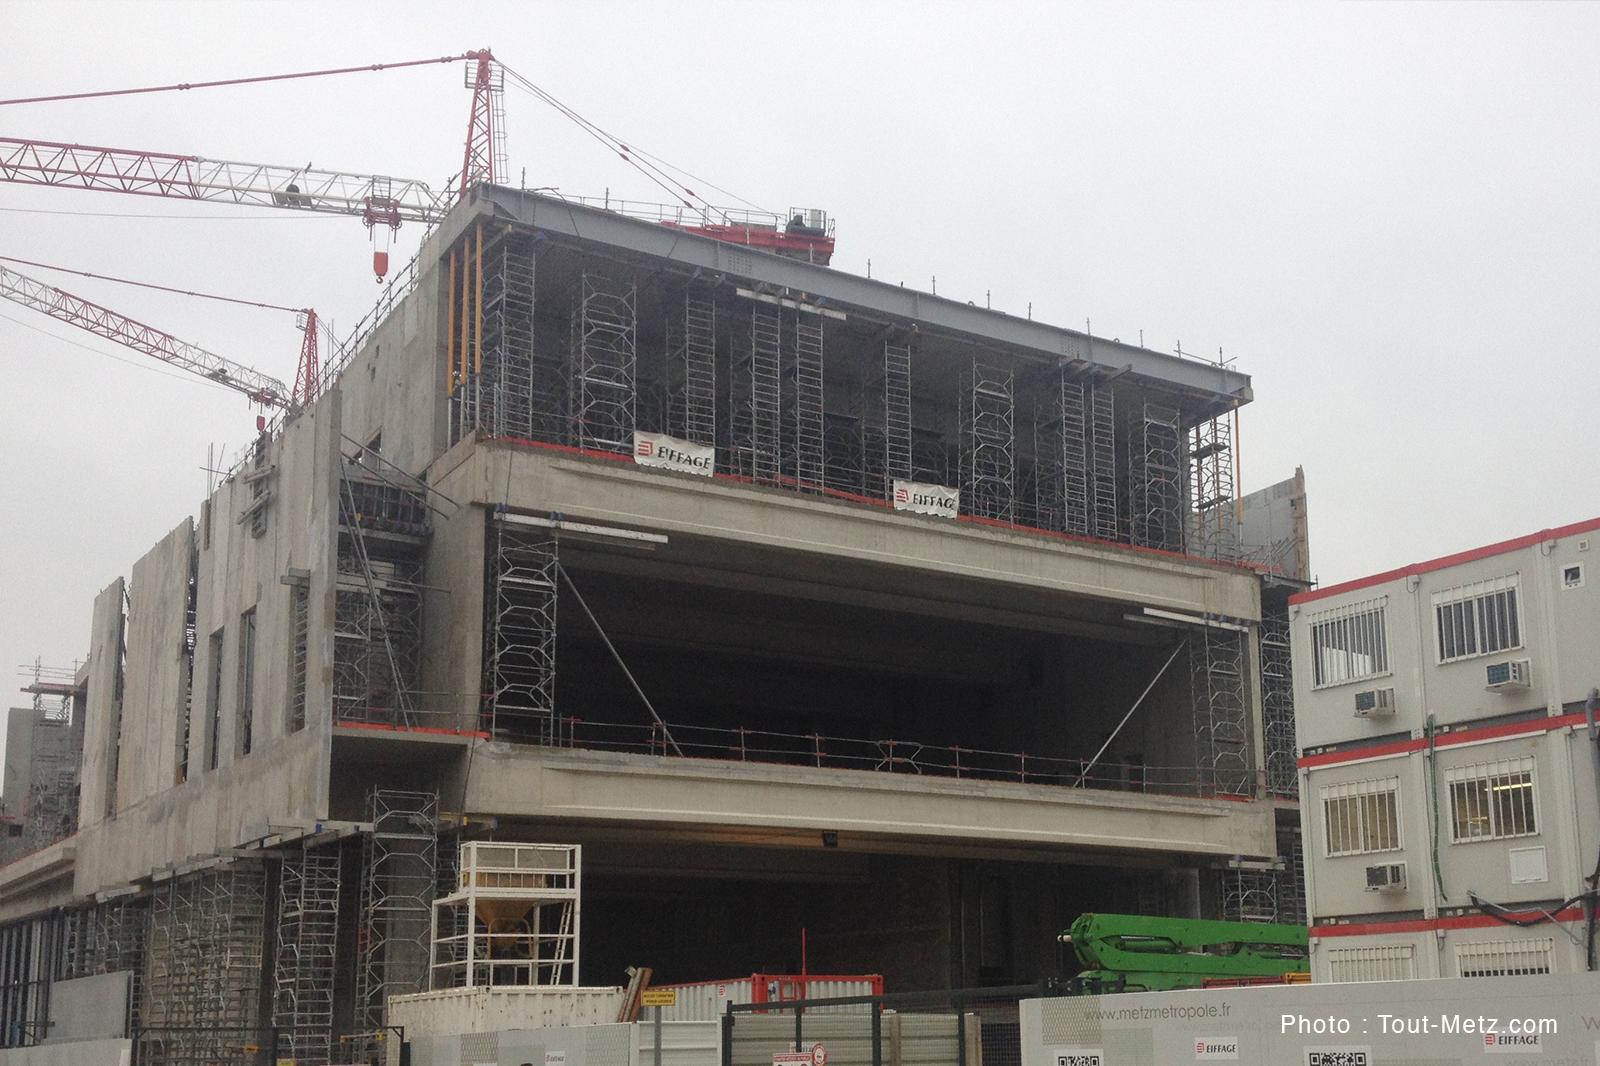 Visite de l'intérieur du Centre des Congrès de Metz : 1ères images après 10 mois de travaux